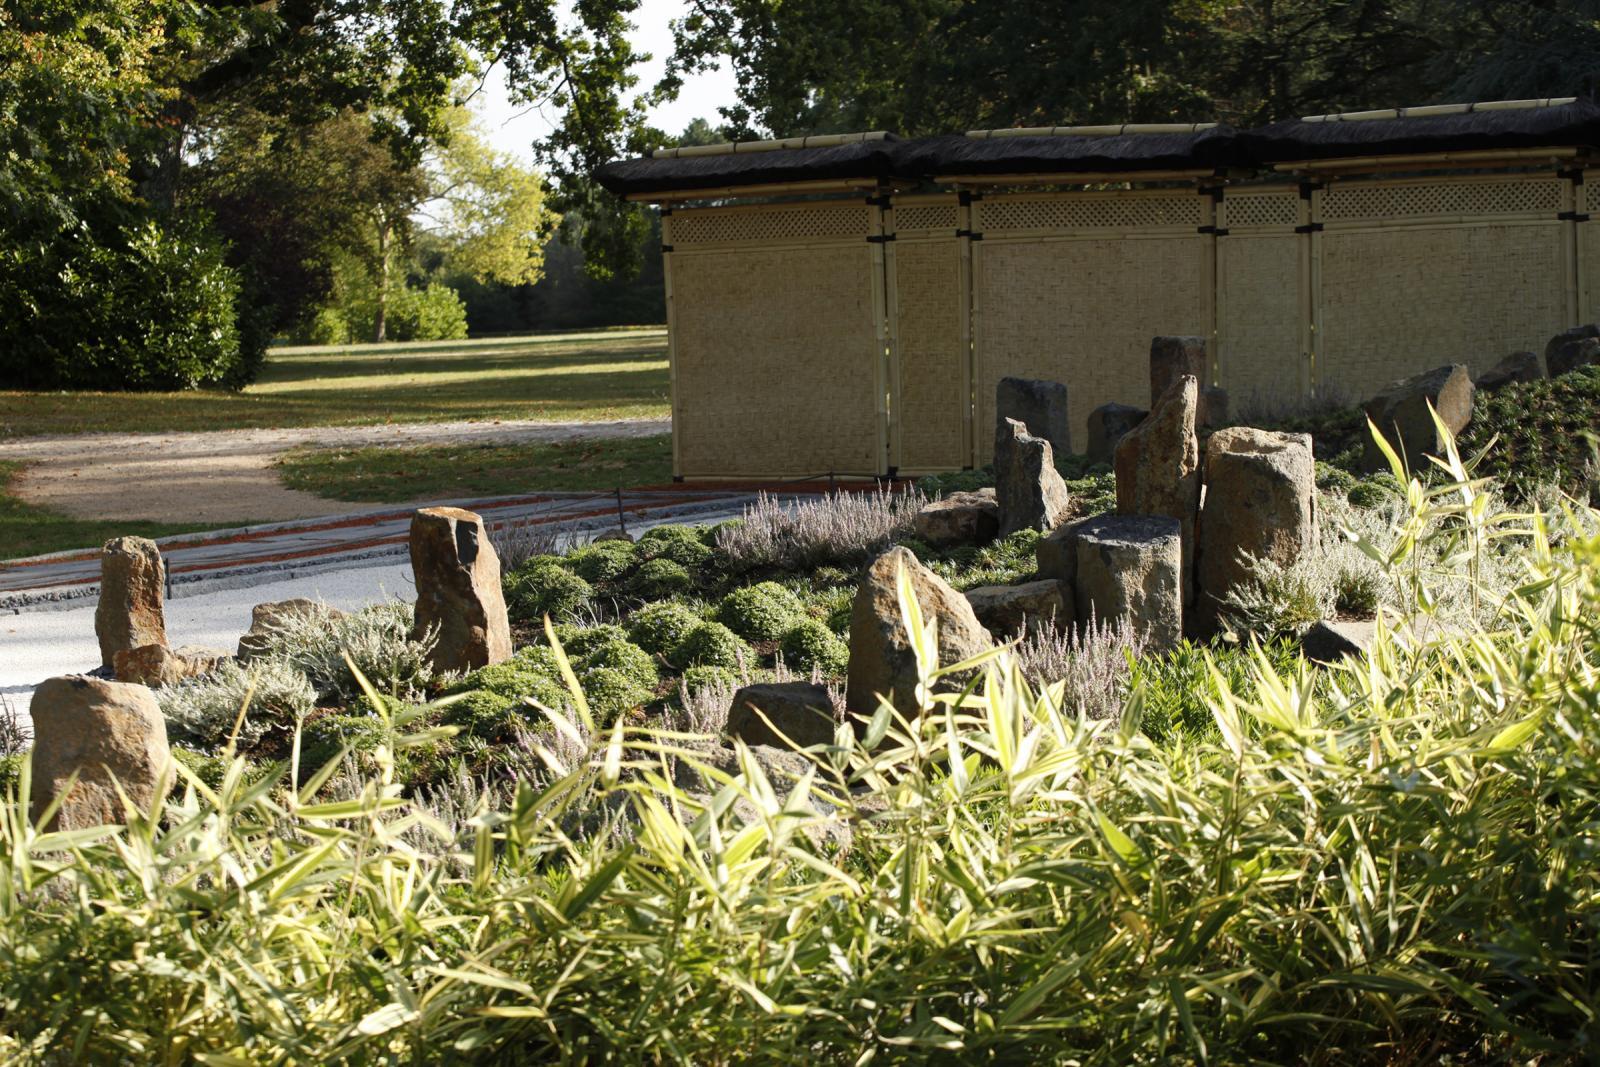 Festival Des Jardins Chaumont Sur Loire 2009 le jardin de méditation | domaine de chaumont-sur-loire